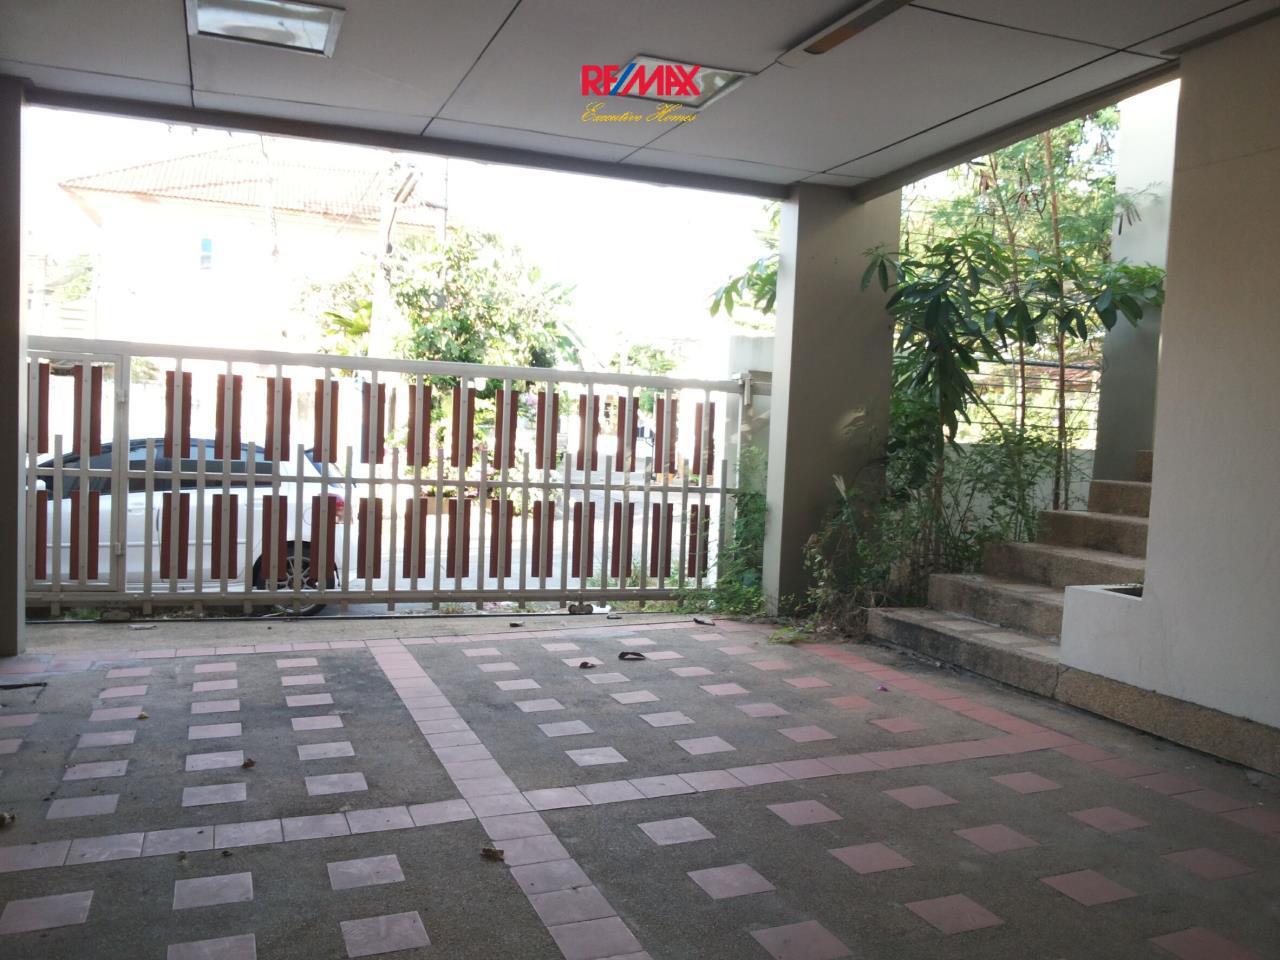 ขาย บ้าน แขวงรามอินทรา เขตคันนายาว กรุงเทพมหานคร, ภาพที่ 3